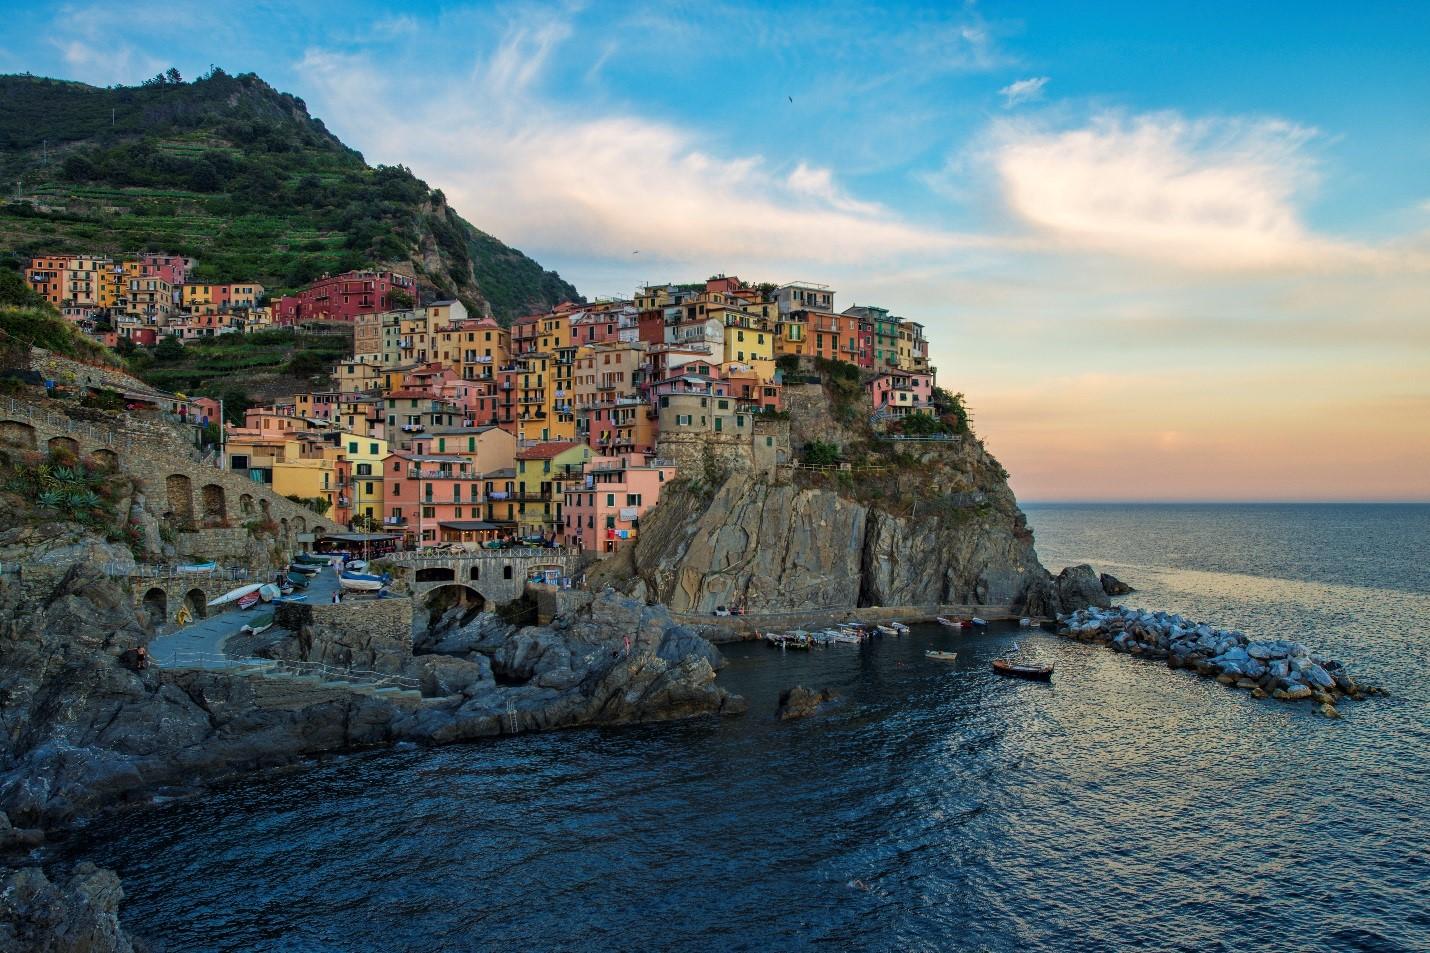 הפסטורליות והציוריות של חופי איטליה